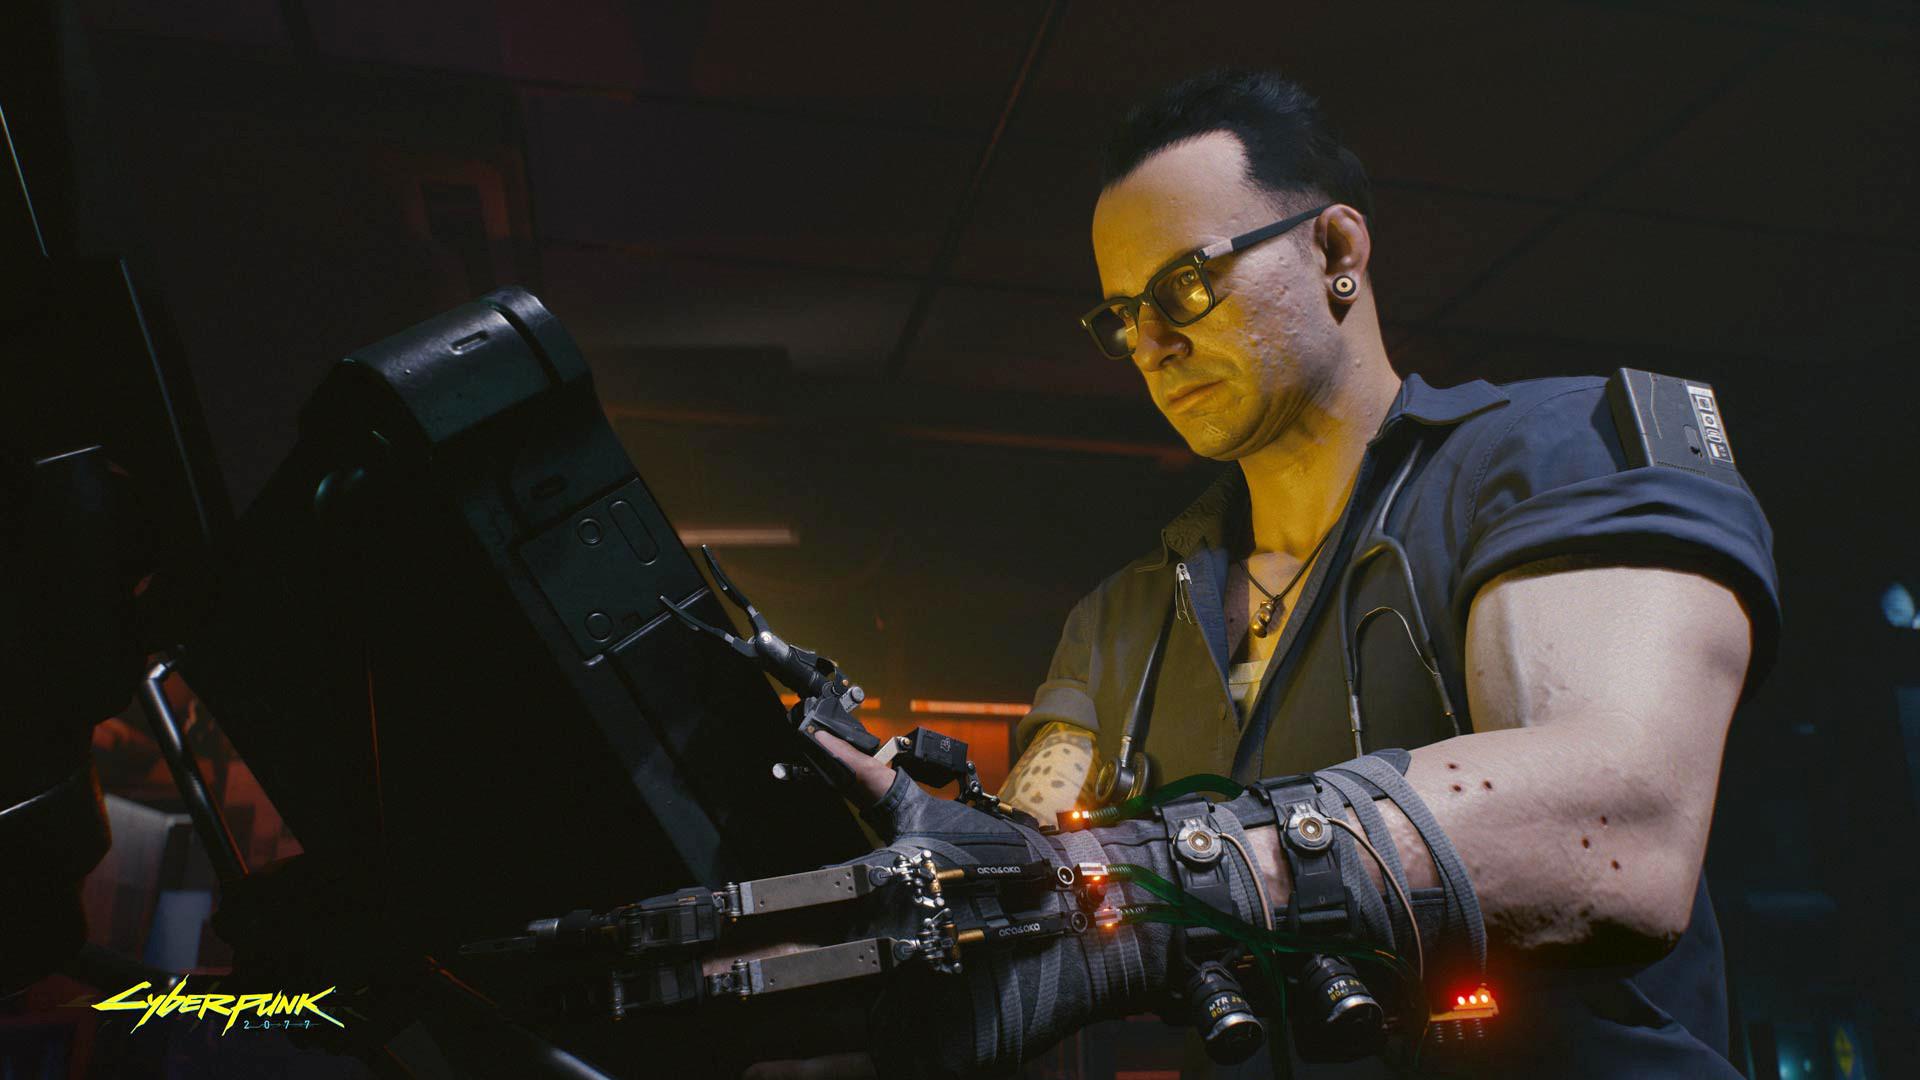 Le premier gros patch de Cyberpunk 2077 peut casser le jeu